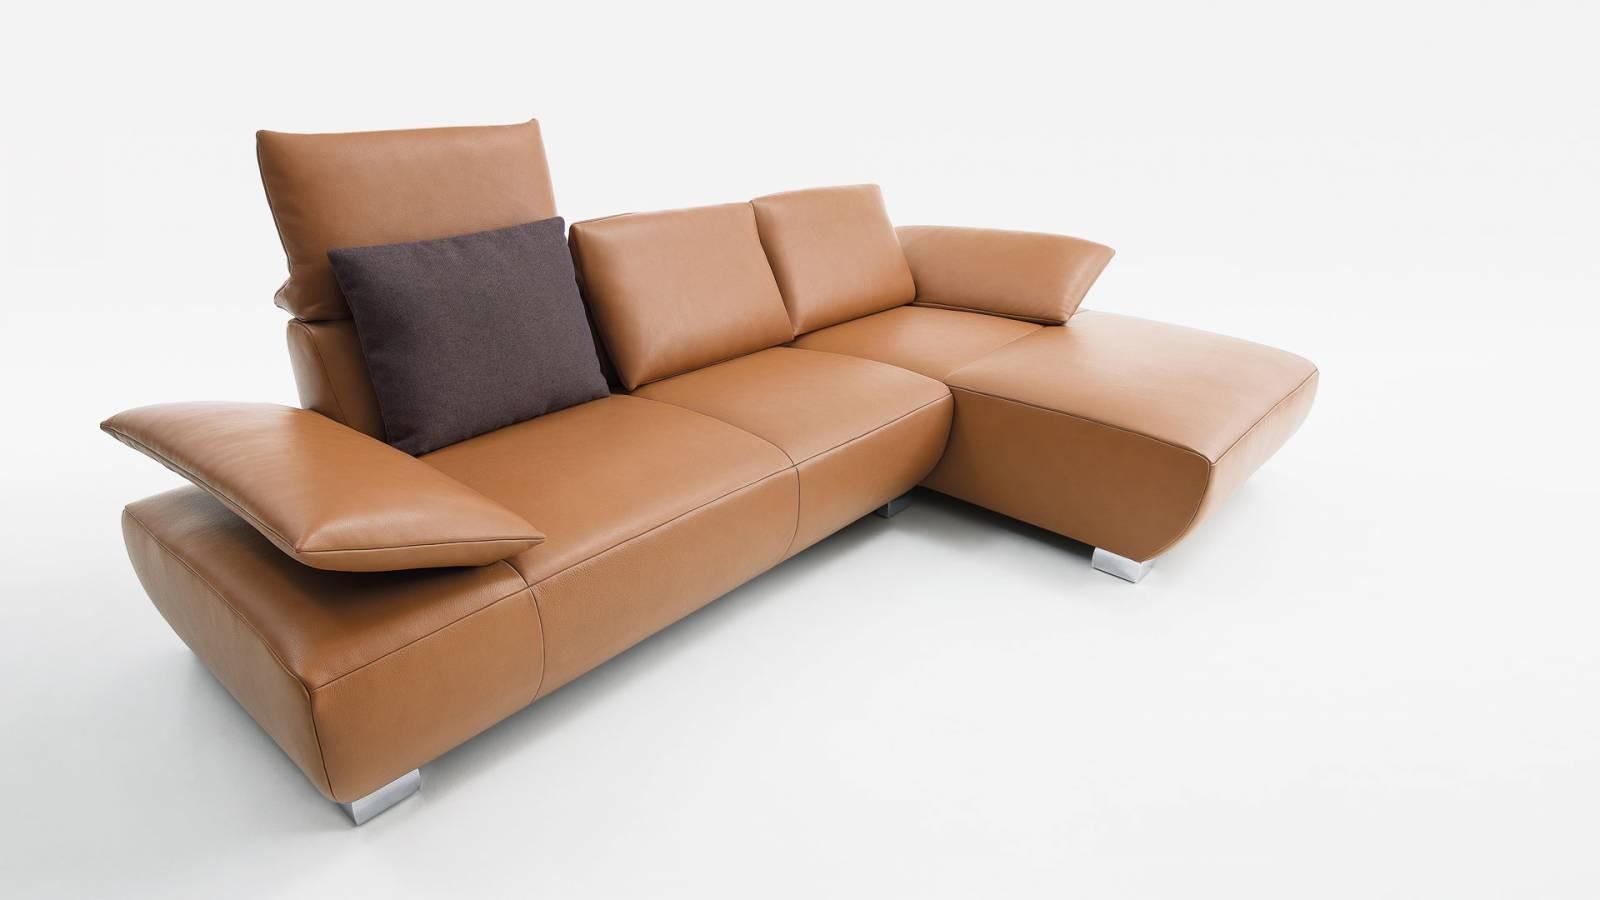 Canapea modernă Koinor Volare